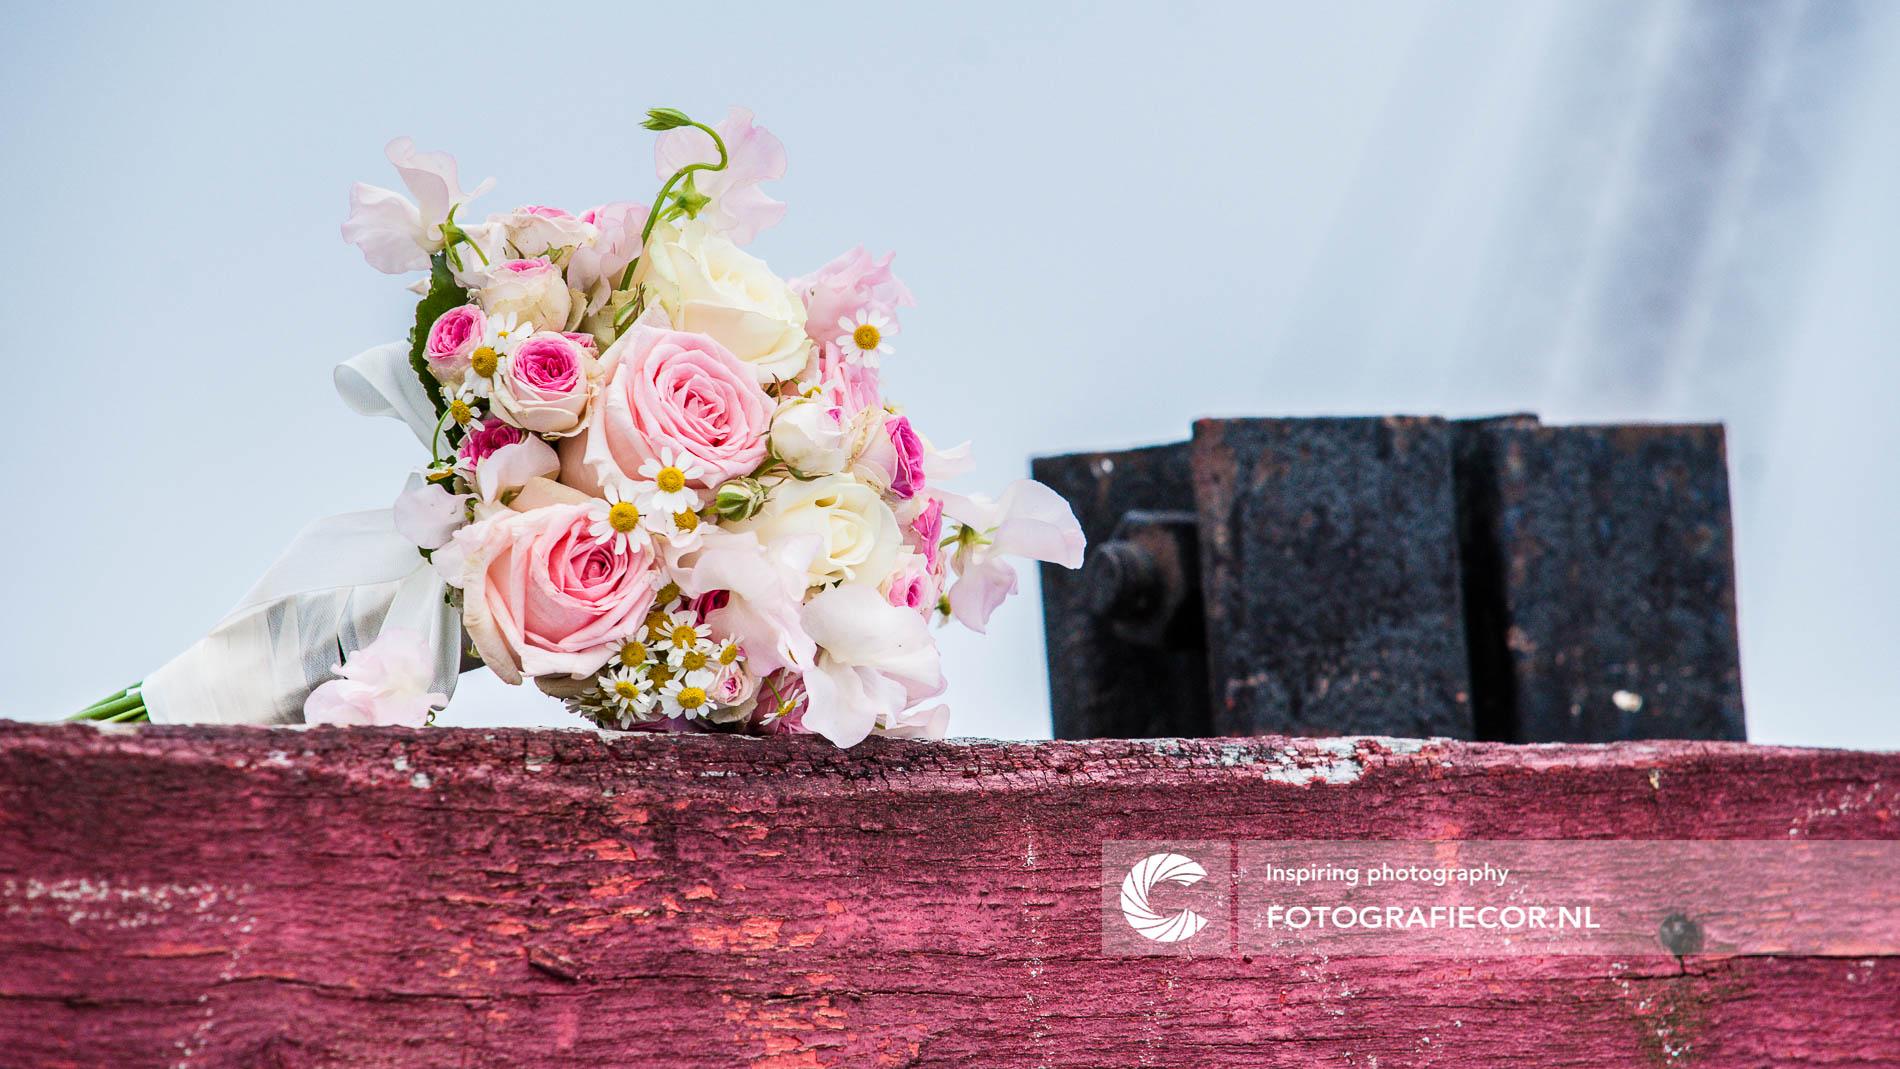 Trouwfoto's | bruidsfotografie | Bruidsfotograaf | bruidsboeket in pasteltinten op verweerd stootblok | Trouwfoto